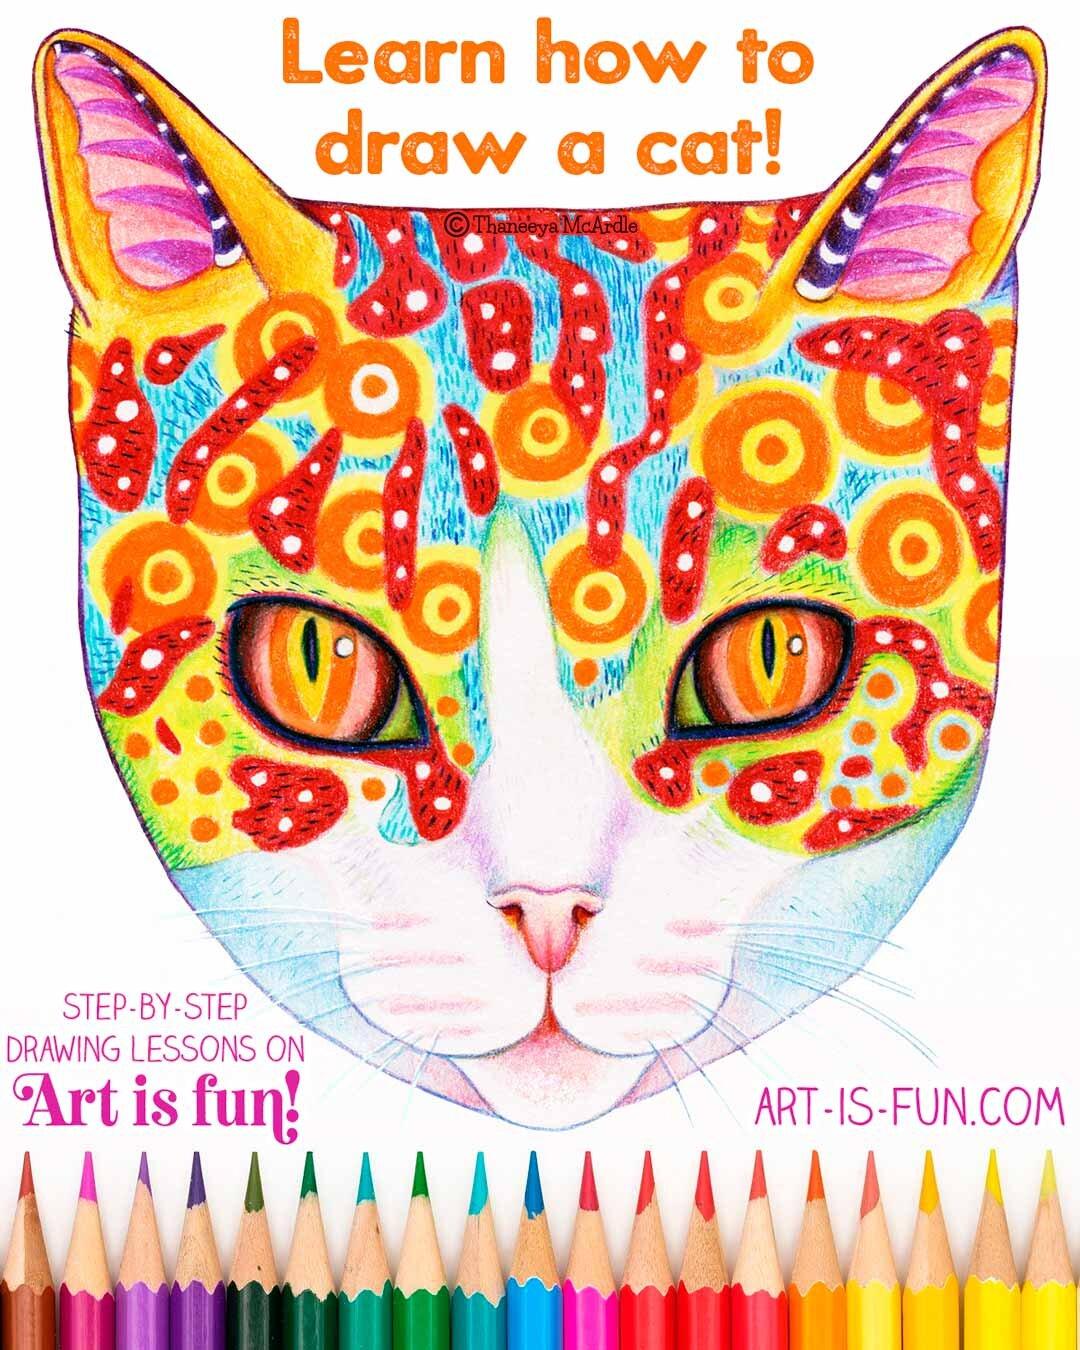 如何在Art-is-fun.com上绘制Aneeya Mcardle的所有年龄段的猫 - 逐步的猫绘图课程必威西蒙体育 欧盟体育